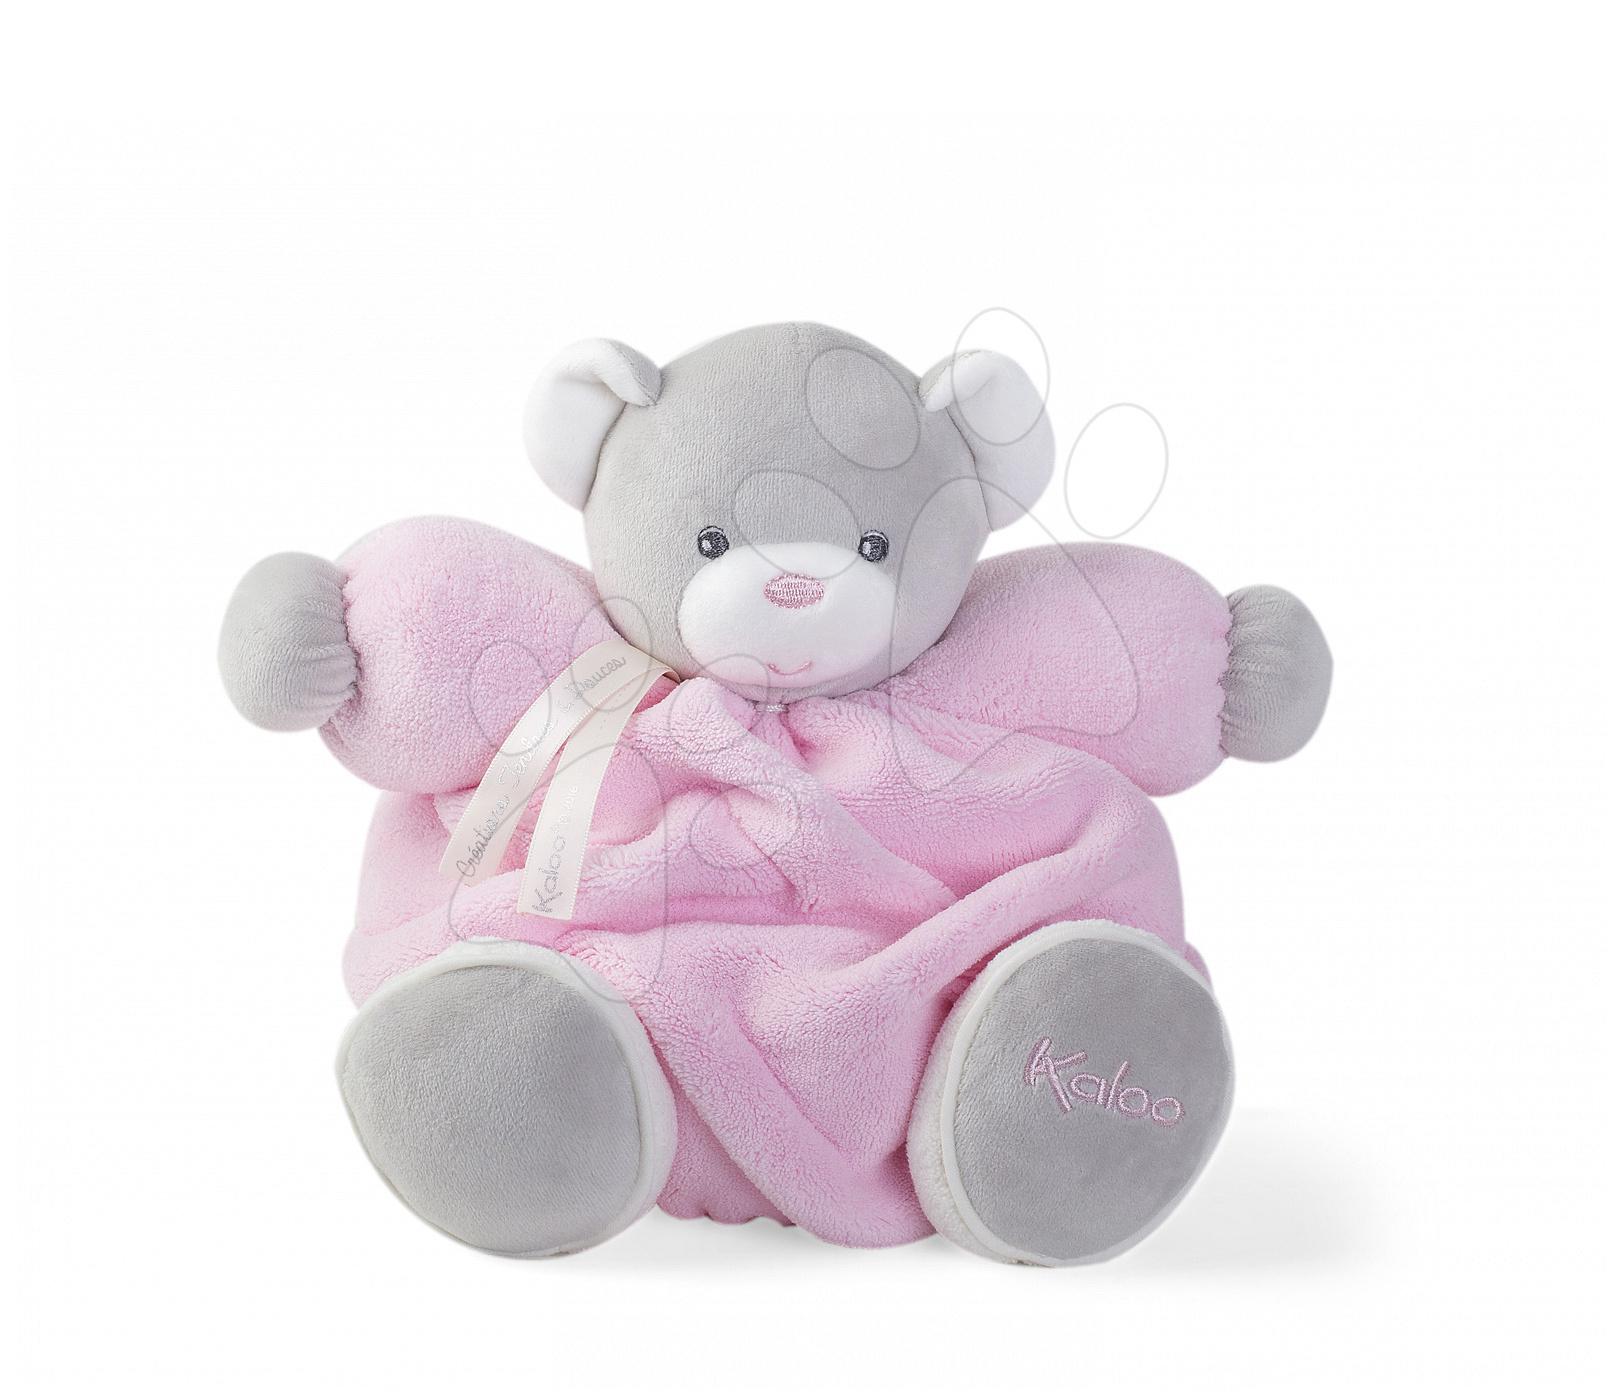 Kaloo plyšový medvedík Plume Chubby 25 cm 969556 ružový